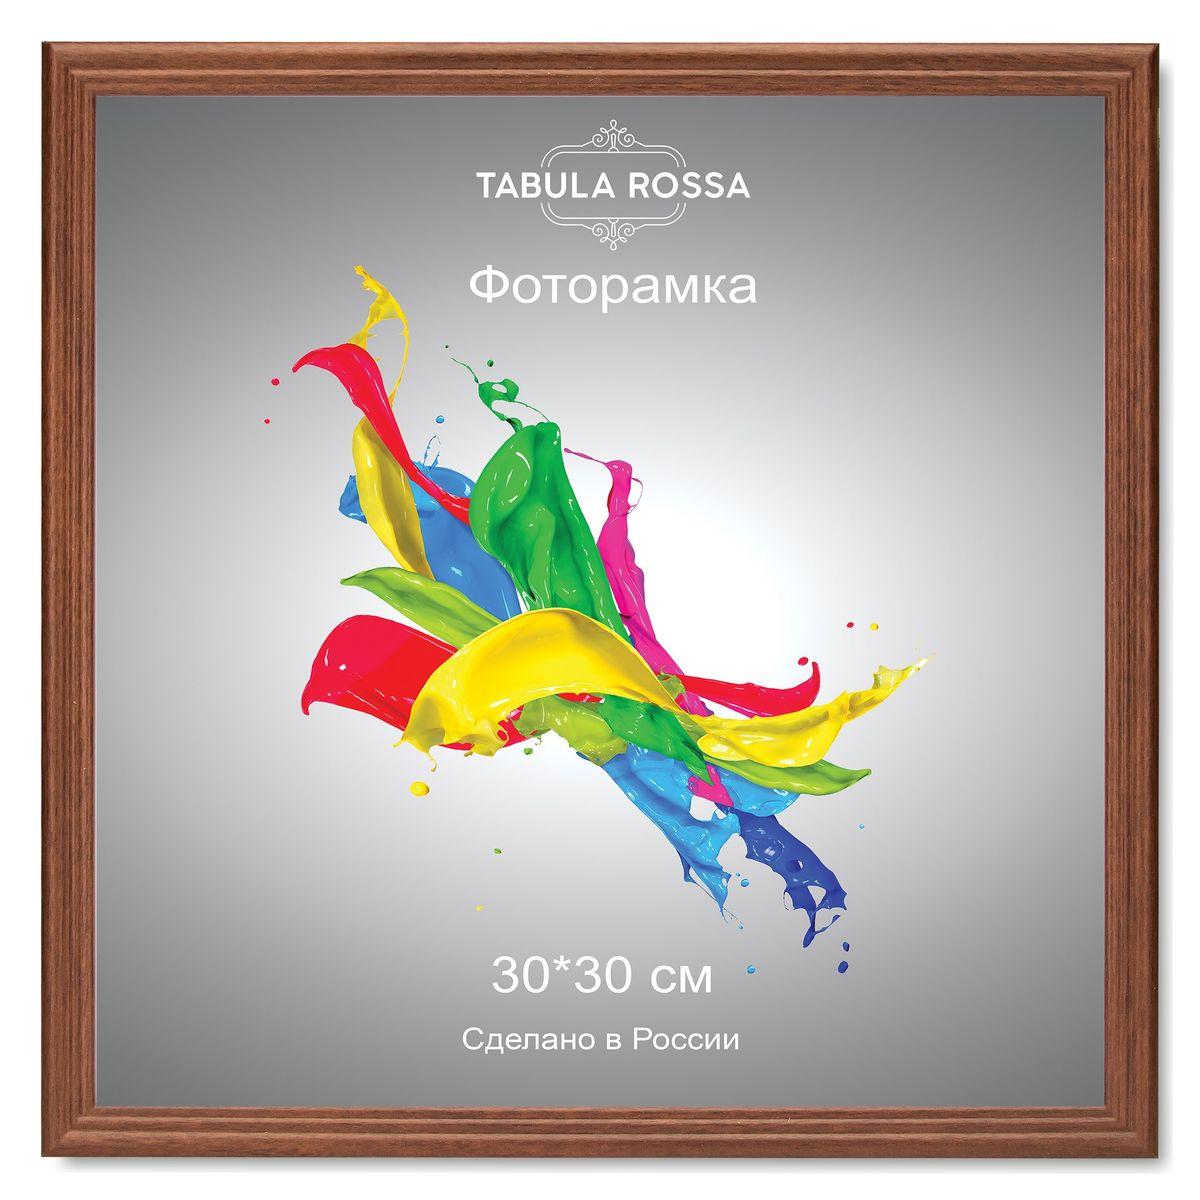 Фоторамка Tabula Rossa, цвет: орех, 30 х 30 см. ТР 5141ТР 5141Фоторамка Tabula Rossa выполнена в классическом стиле из высококачественного МДФ и стекла, защищающего фотографию. Оборотная сторона рамки оснащена специальной ножкой, благодаря которой ее можно поставить на стол или любое другое место в доме или офисе. Также изделие дополнено двумя специальными креплениями для подвешивания на стену. Такая фоторамка не теряет своих свойств со временем, не деформируется и не выцветает. Она поможет вам оригинально и стильно дополнить интерьер помещения, а также позволит сохранить память о дорогих вам людях и интересных событиях вашей жизни.